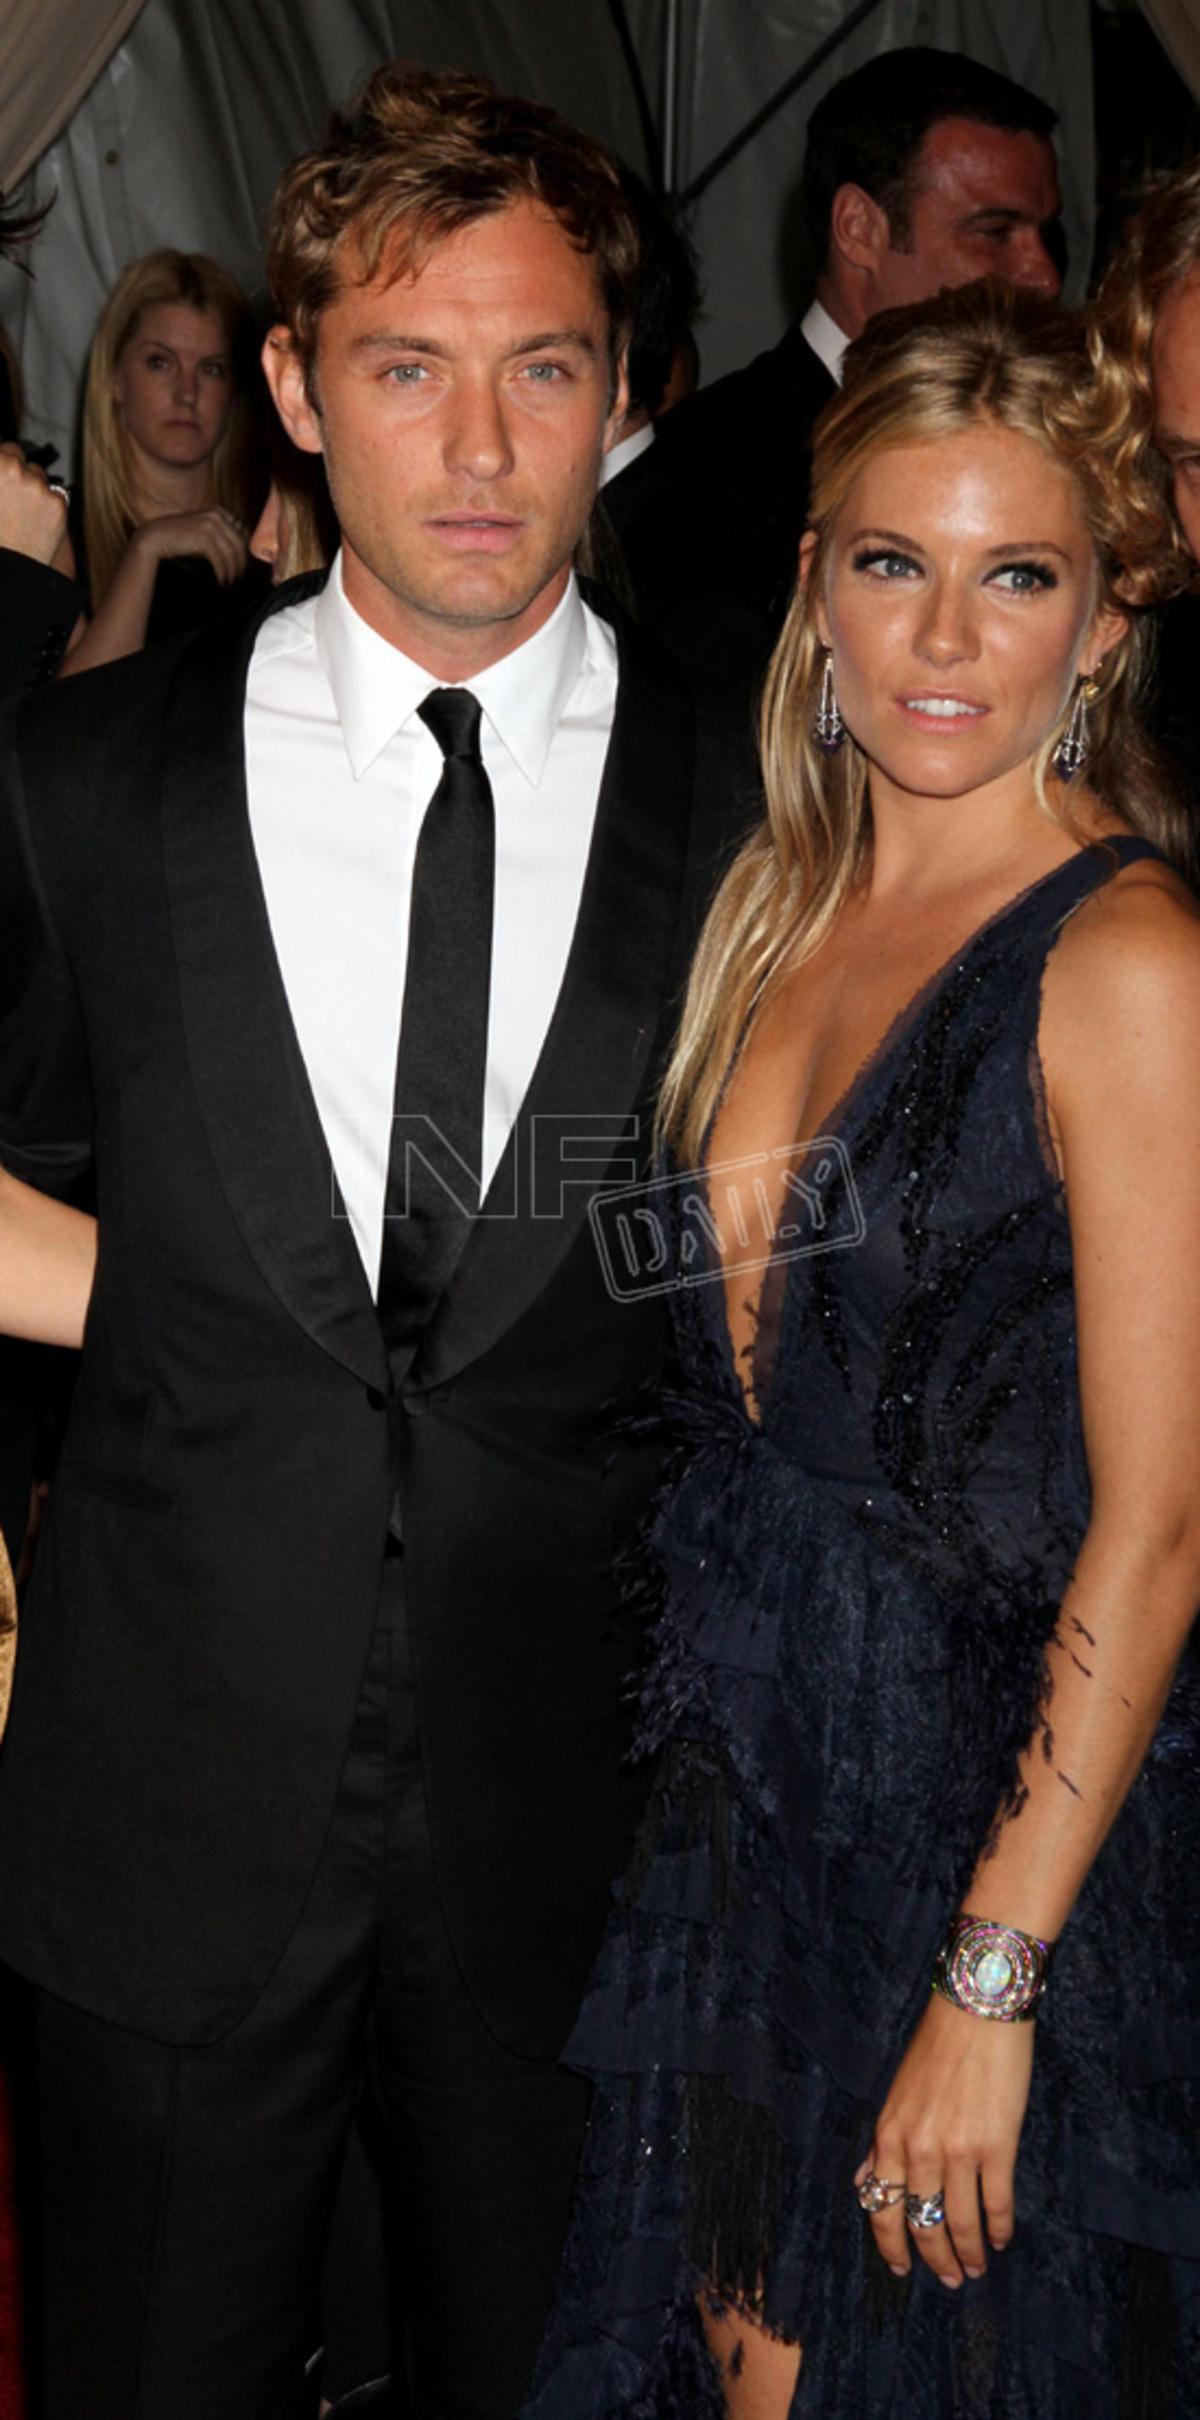 Μαζί εμφανίστηκαν ο Jude Law και η Sienna Miller!   Newsit.gr